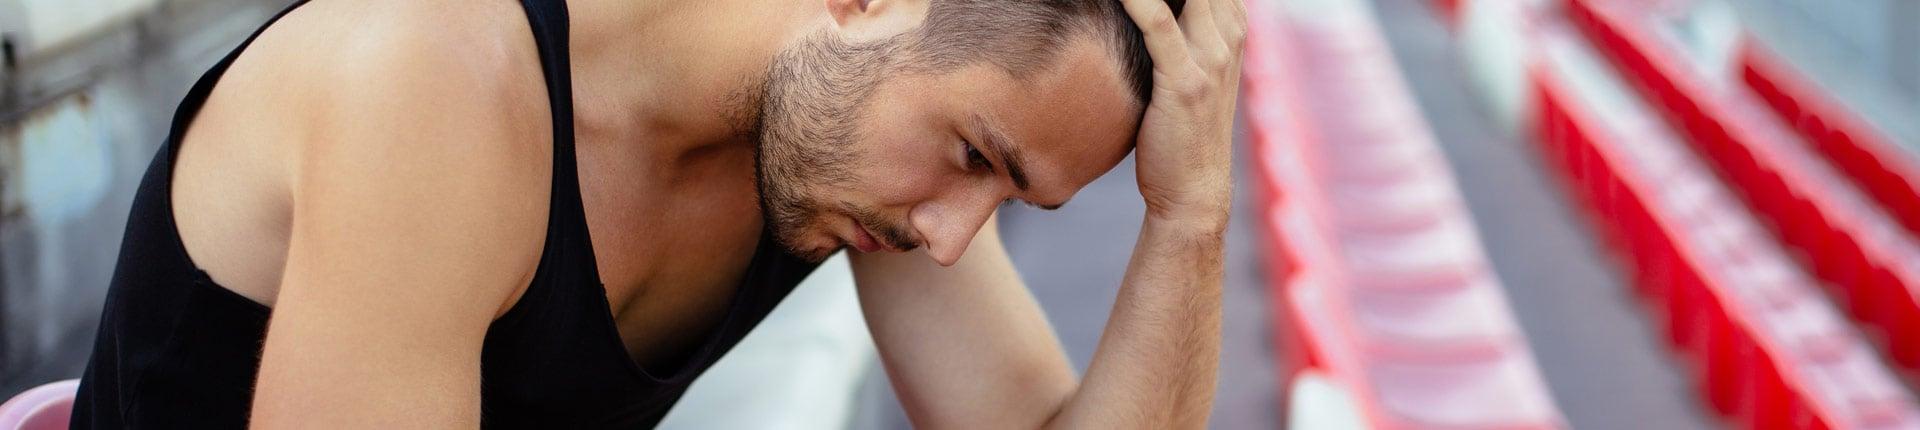 Jakie suplementy mogą pomóc obniżyć stres u sportowca?